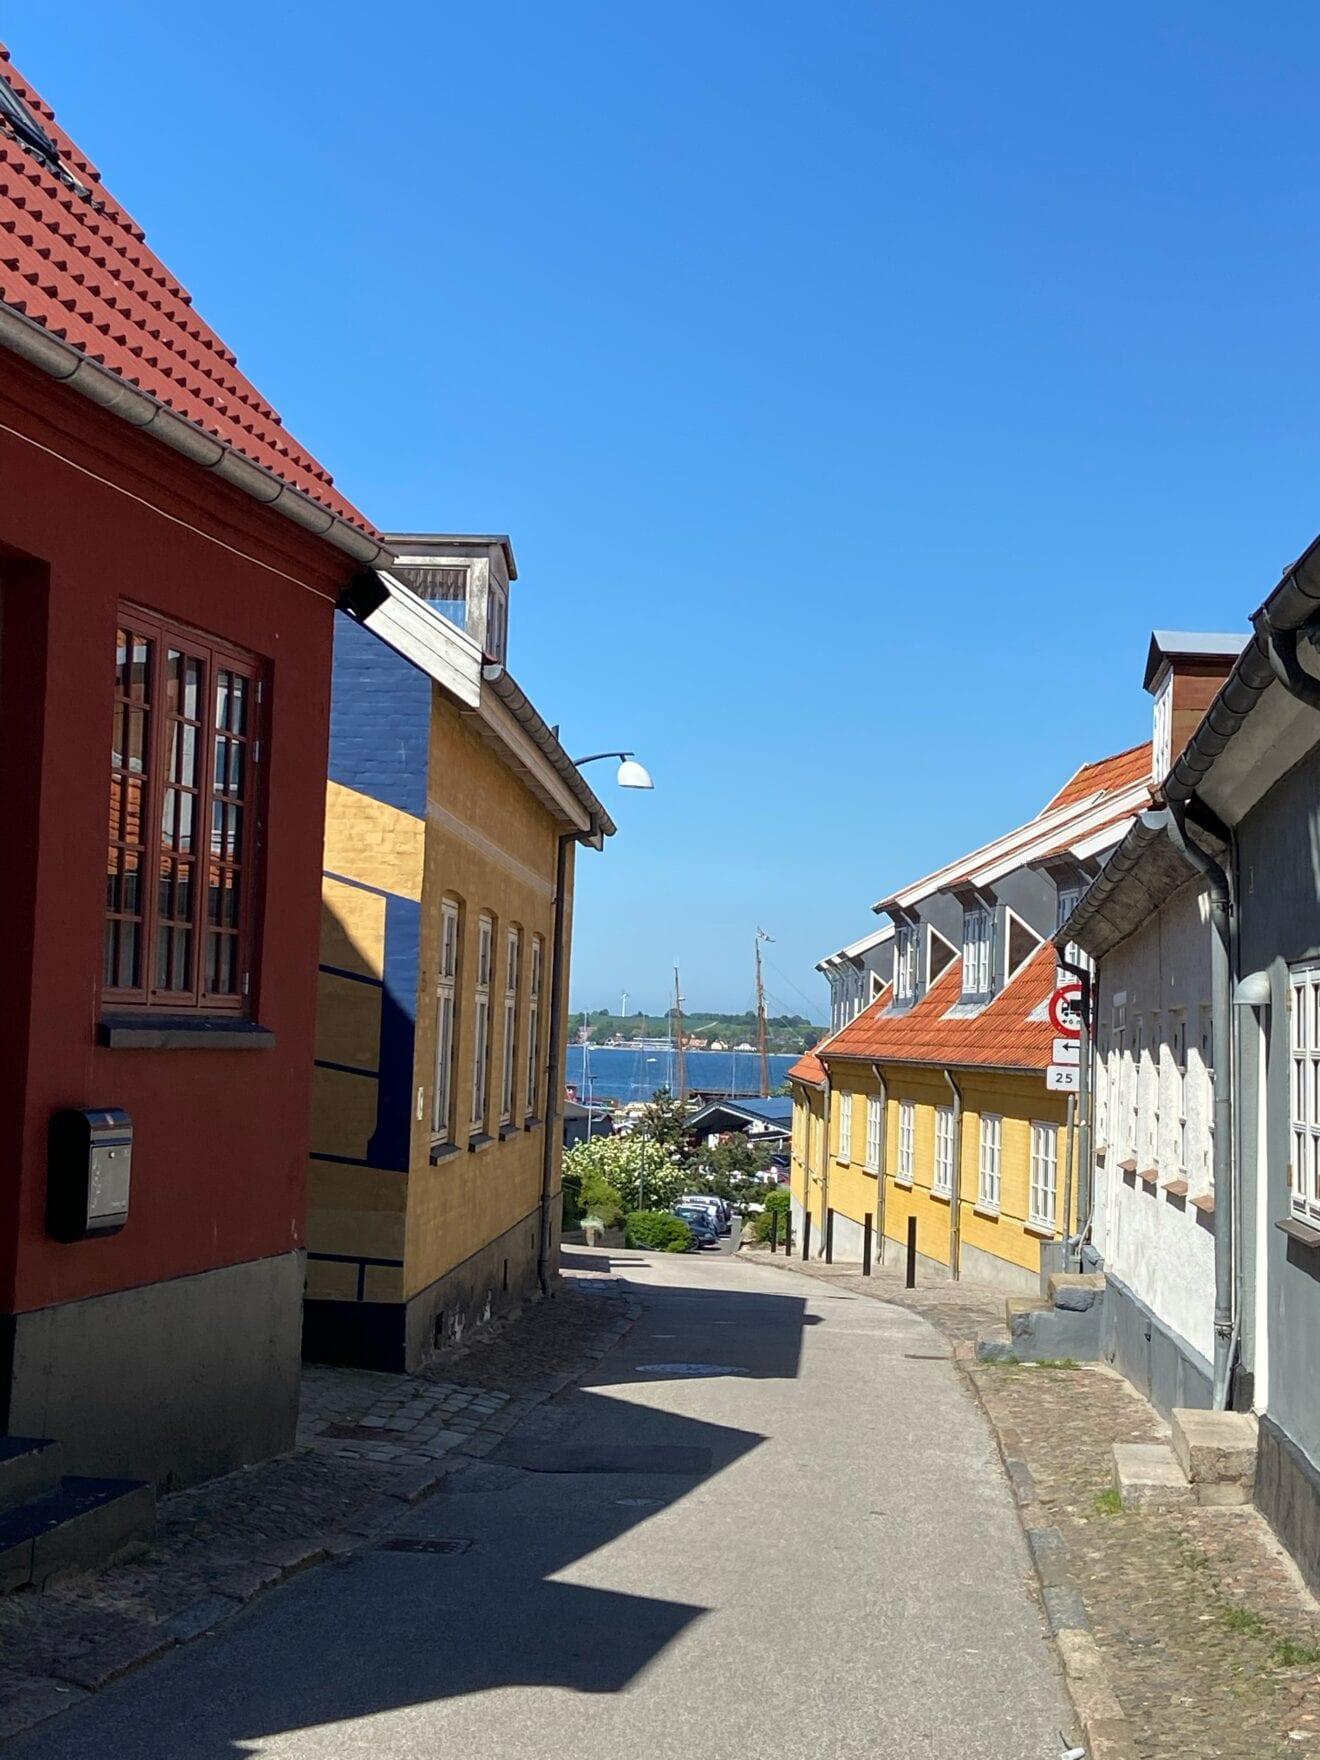 Dejlig solskinslørdag i Holbæk